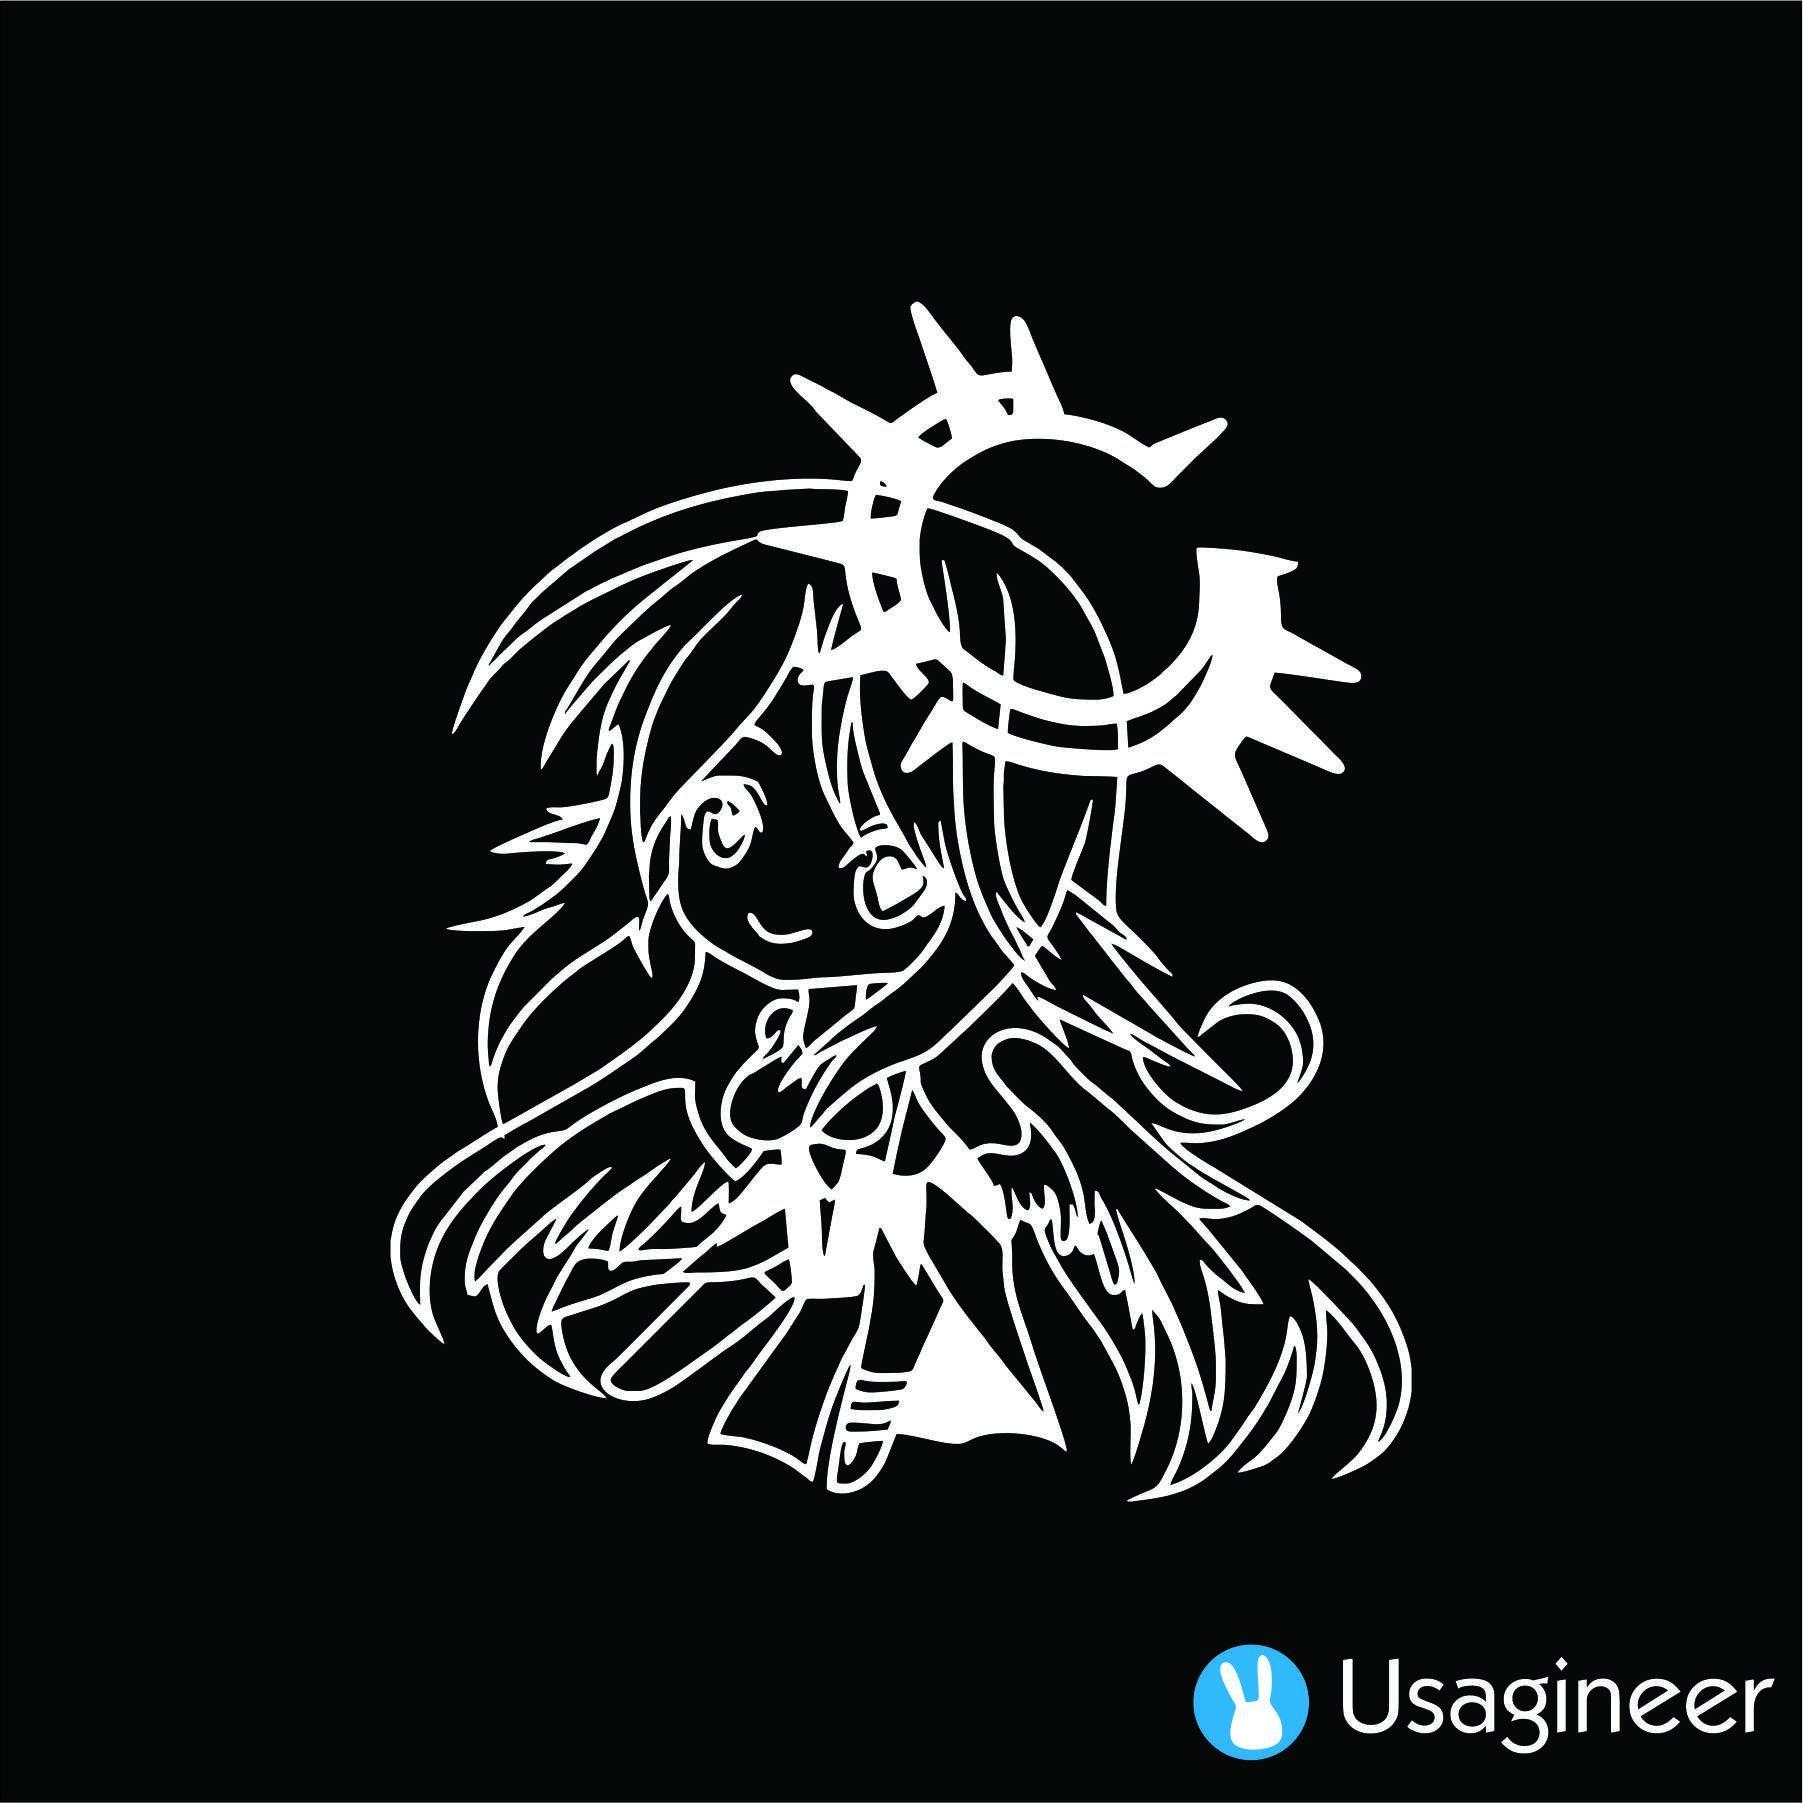 No Game No Life Jibril Anime Decal Sticker Anime Decals No Game No Life Custom Decals